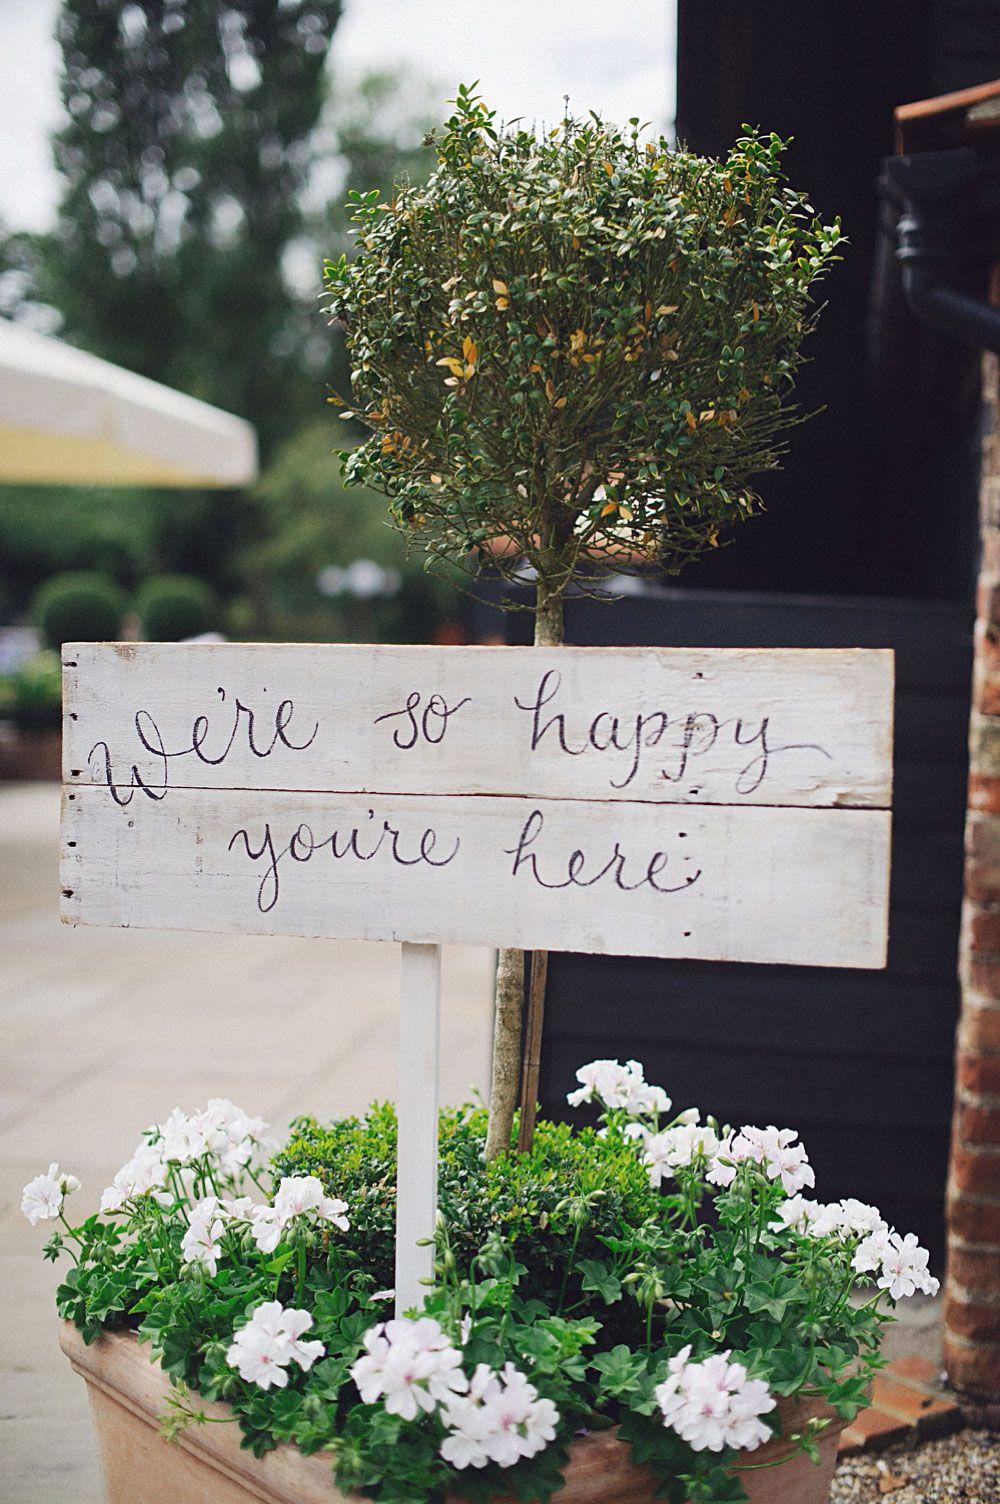 Decoração de casamento simples: placas com mensagens fofas